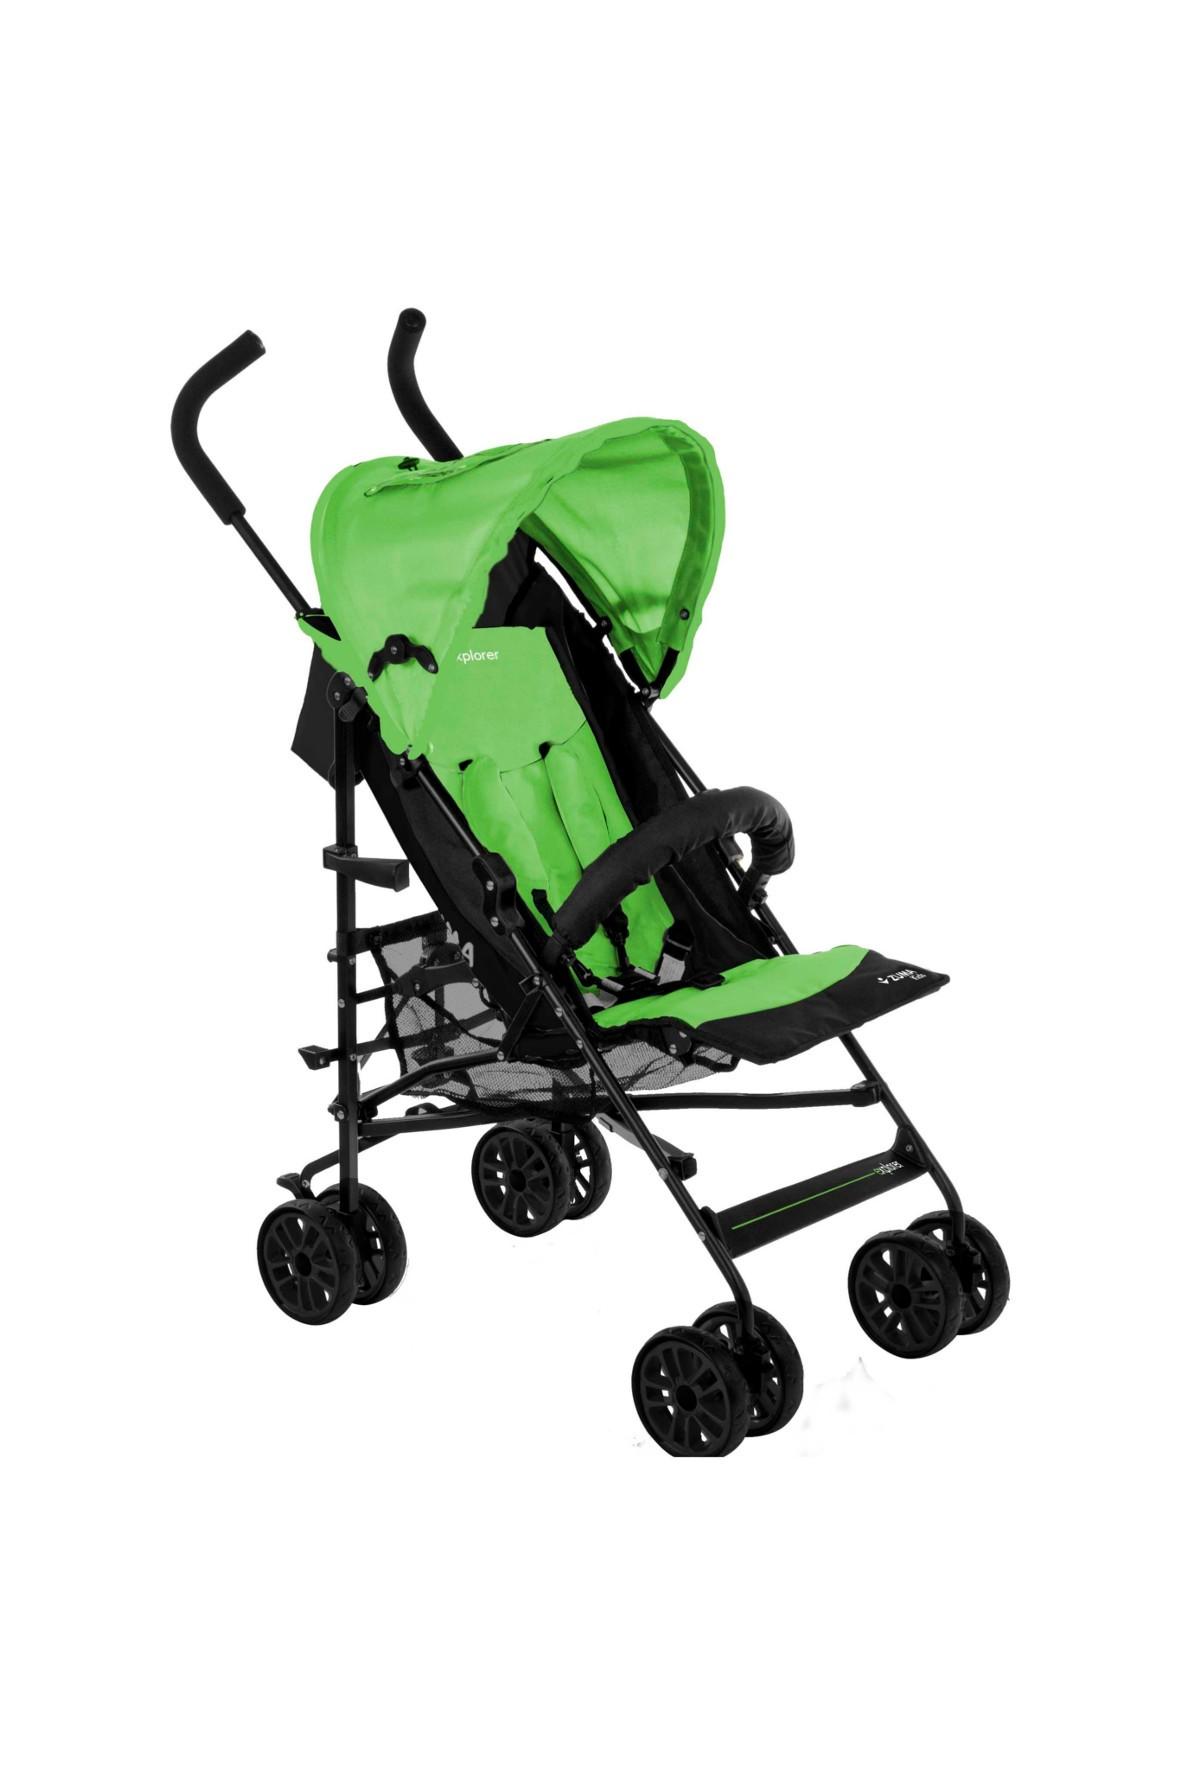 Wózek Spacerowy Explorer Zuma Kids- Zielony